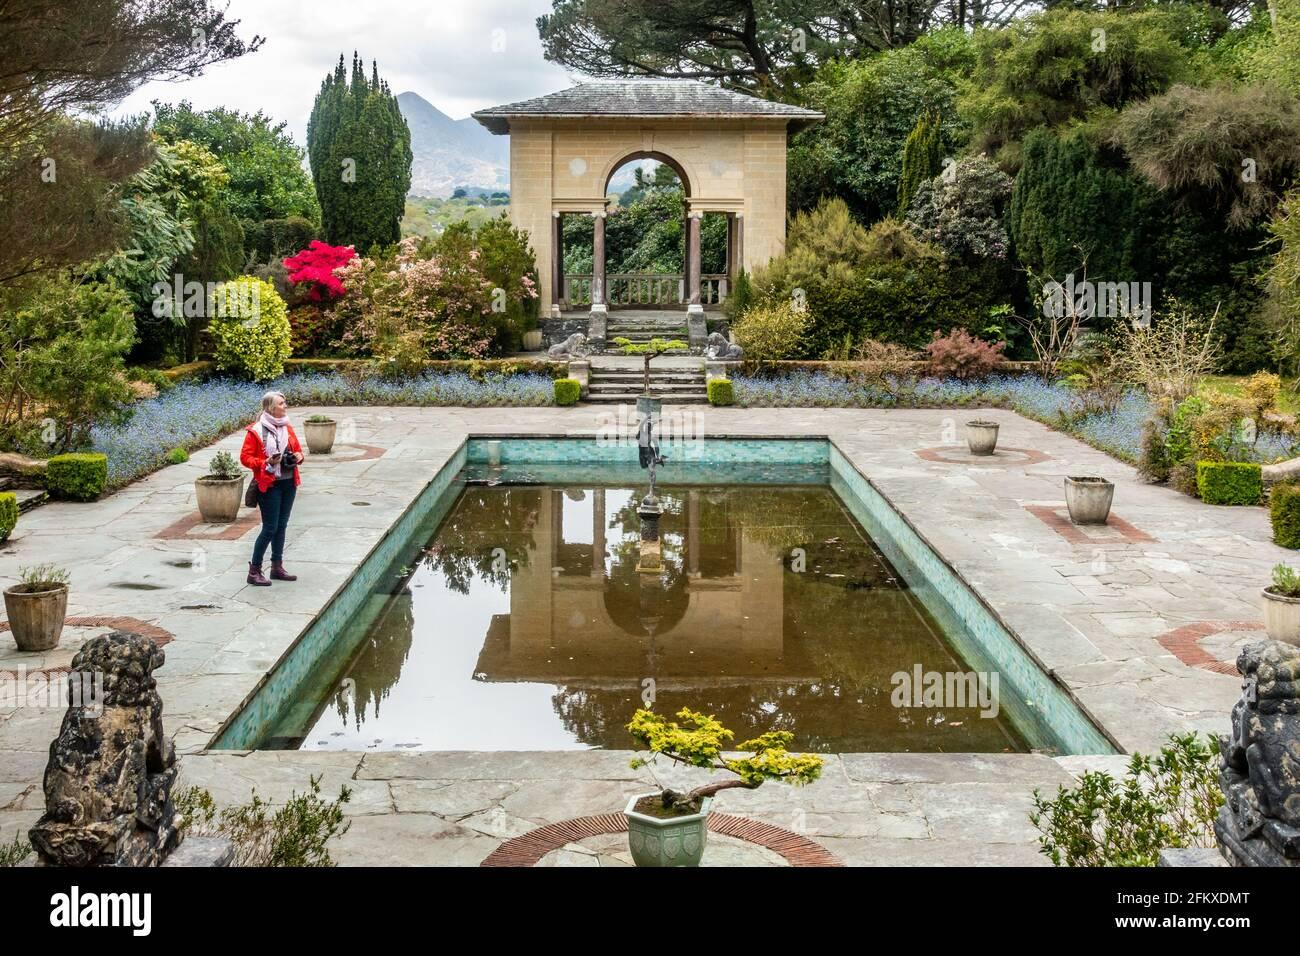 woman-looks-around-the-italian-garden-on-garinish-island-west-cork-ireland-2FKXDMT.jpg